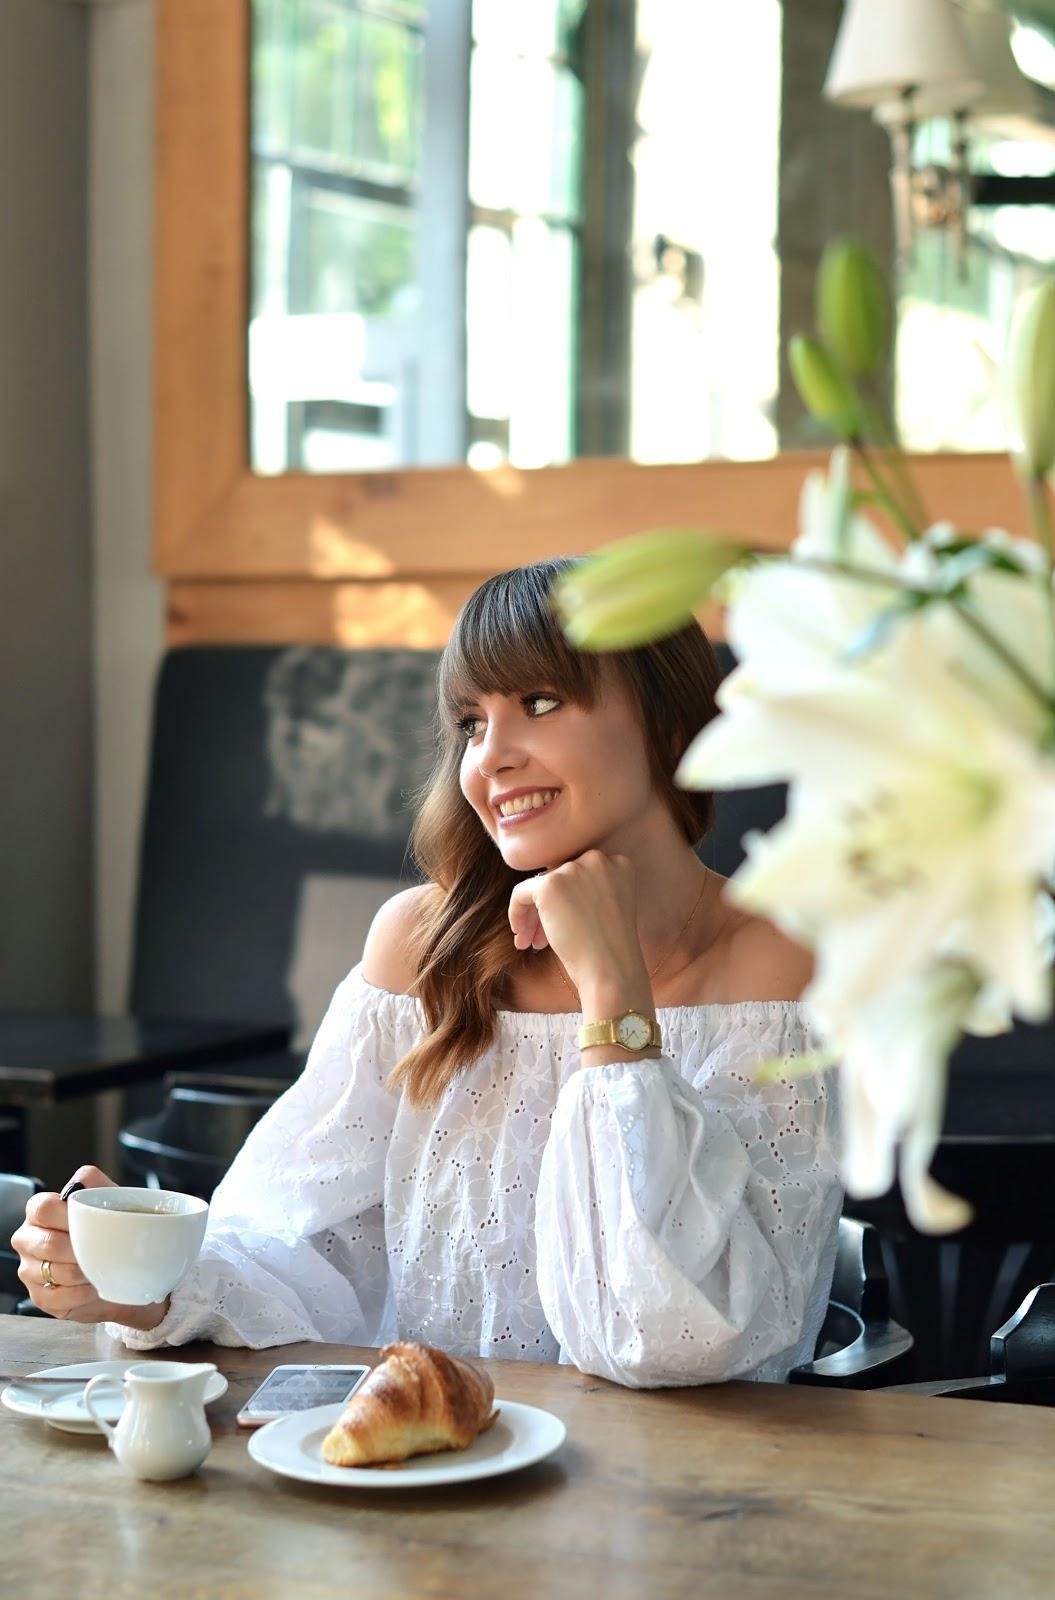 pozytywne nastawienie | dziewczyna | emocje | blog